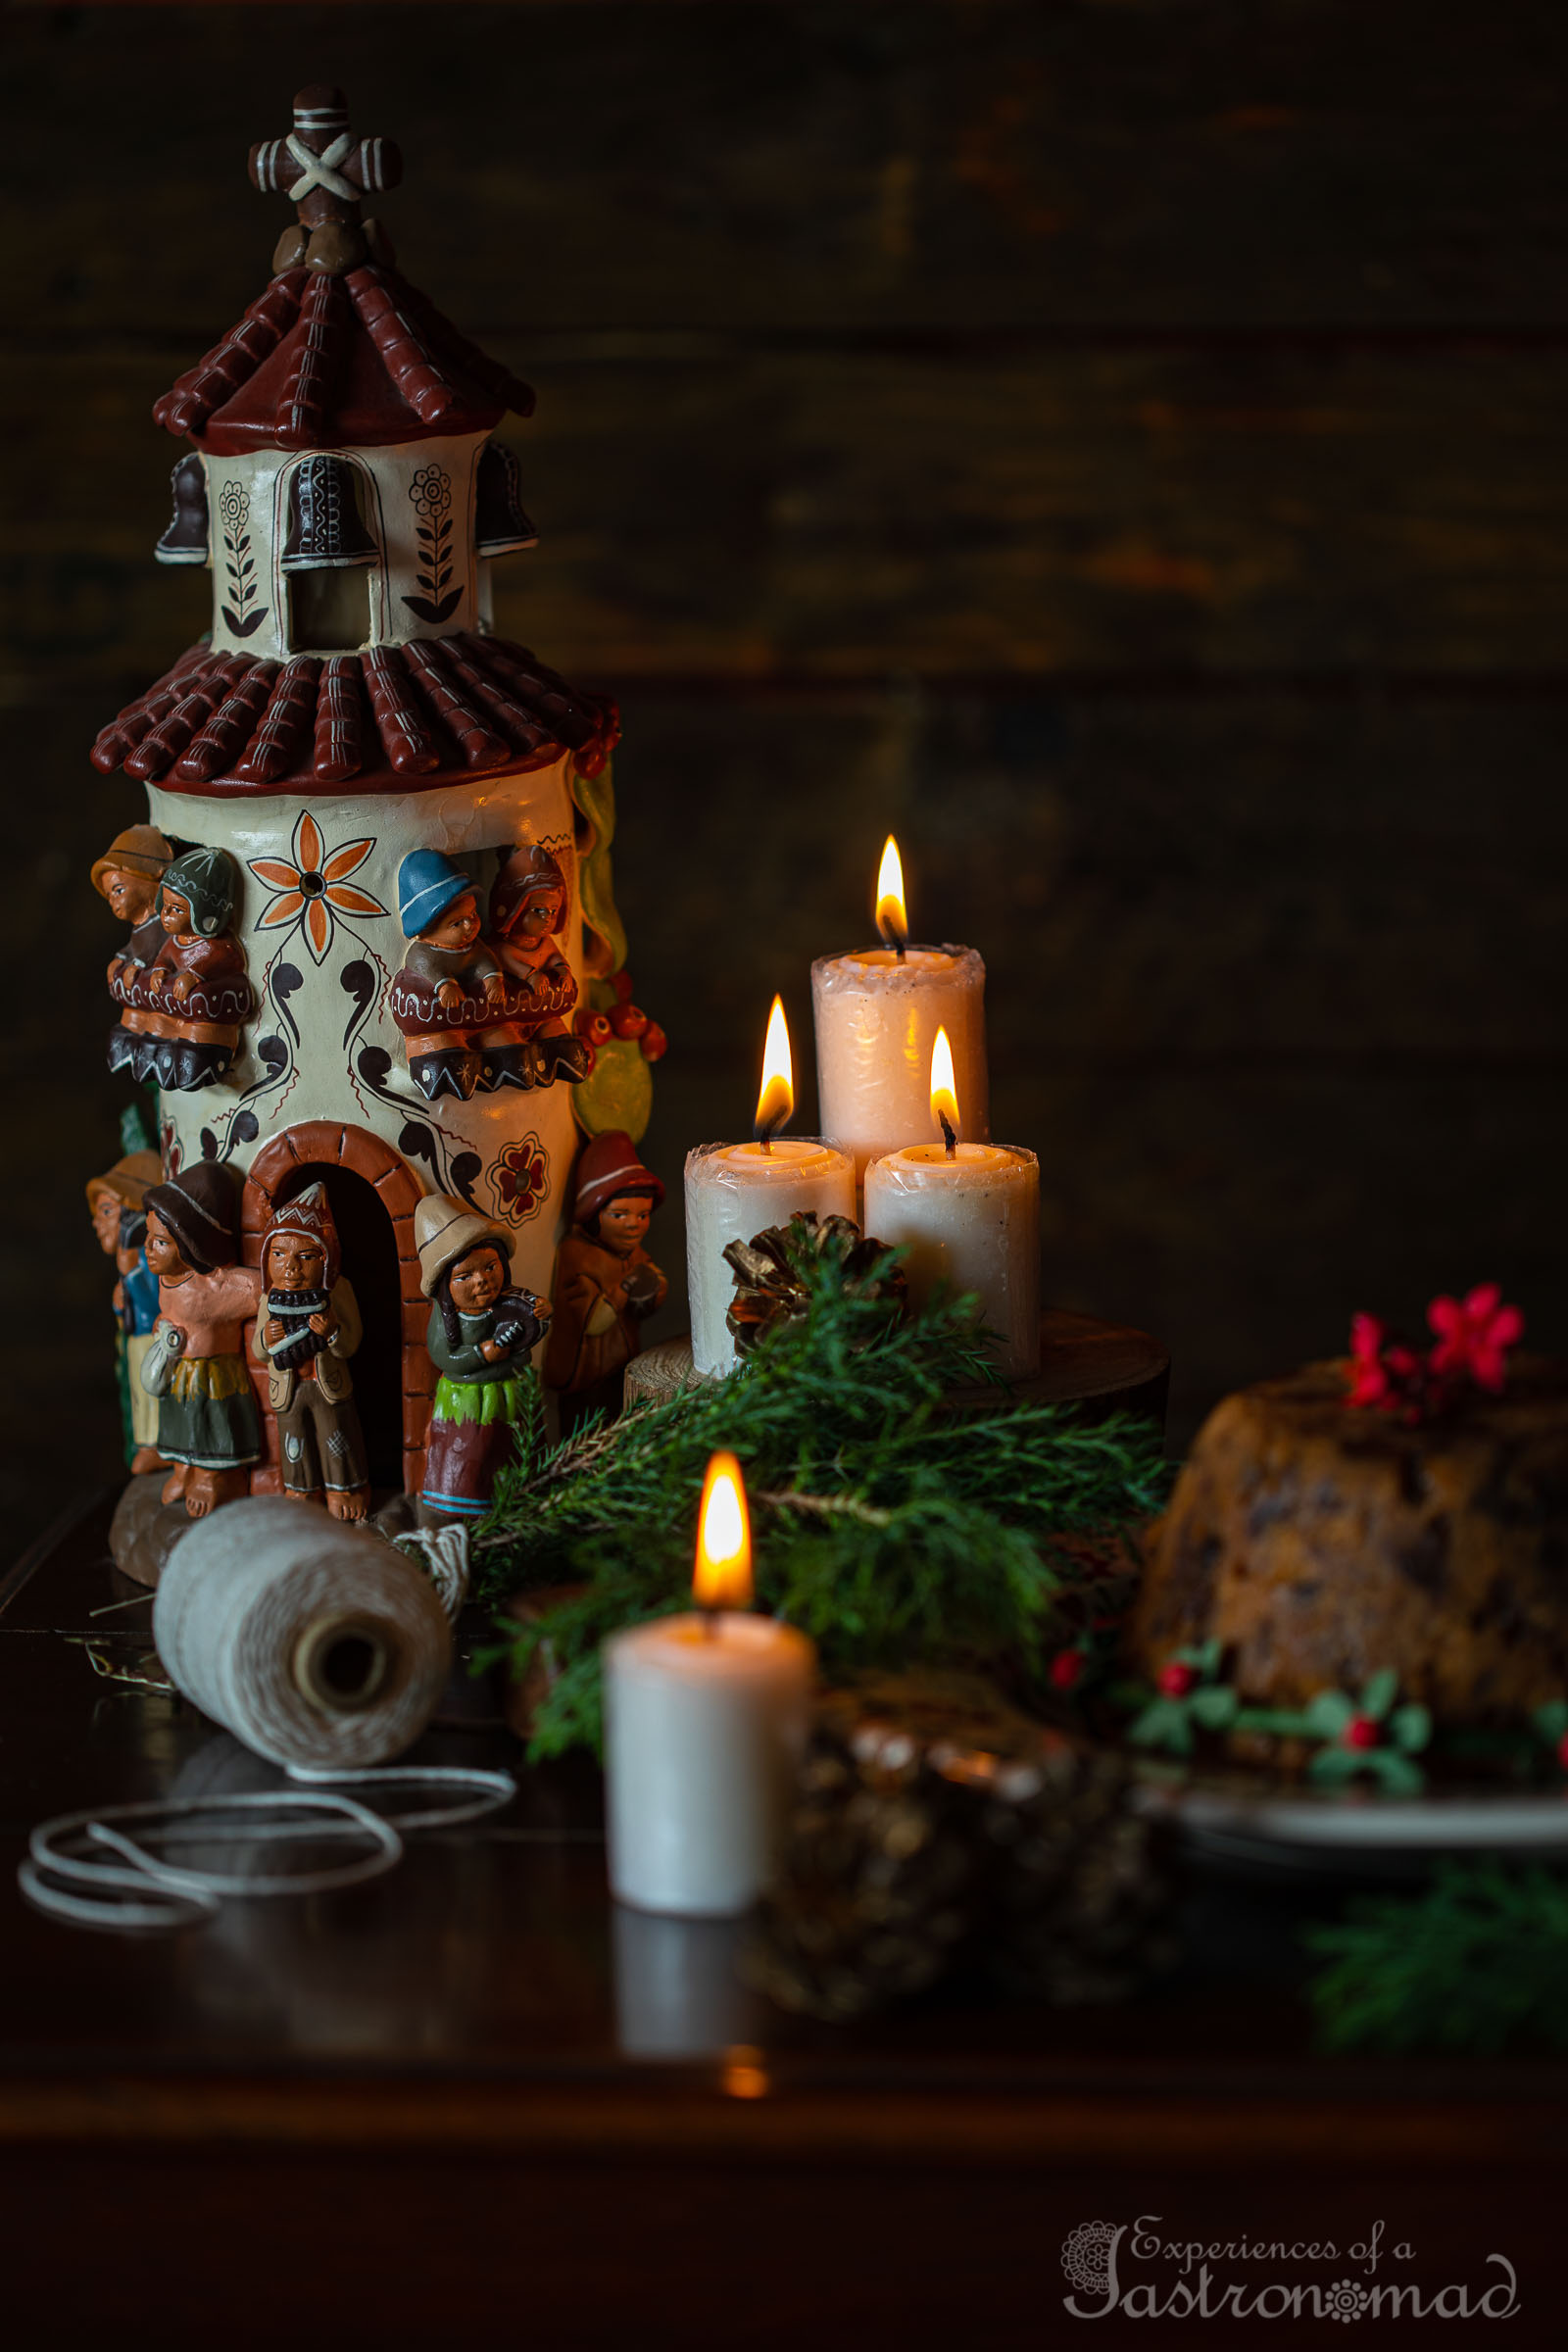 Christmas, the Anglo-Indian way